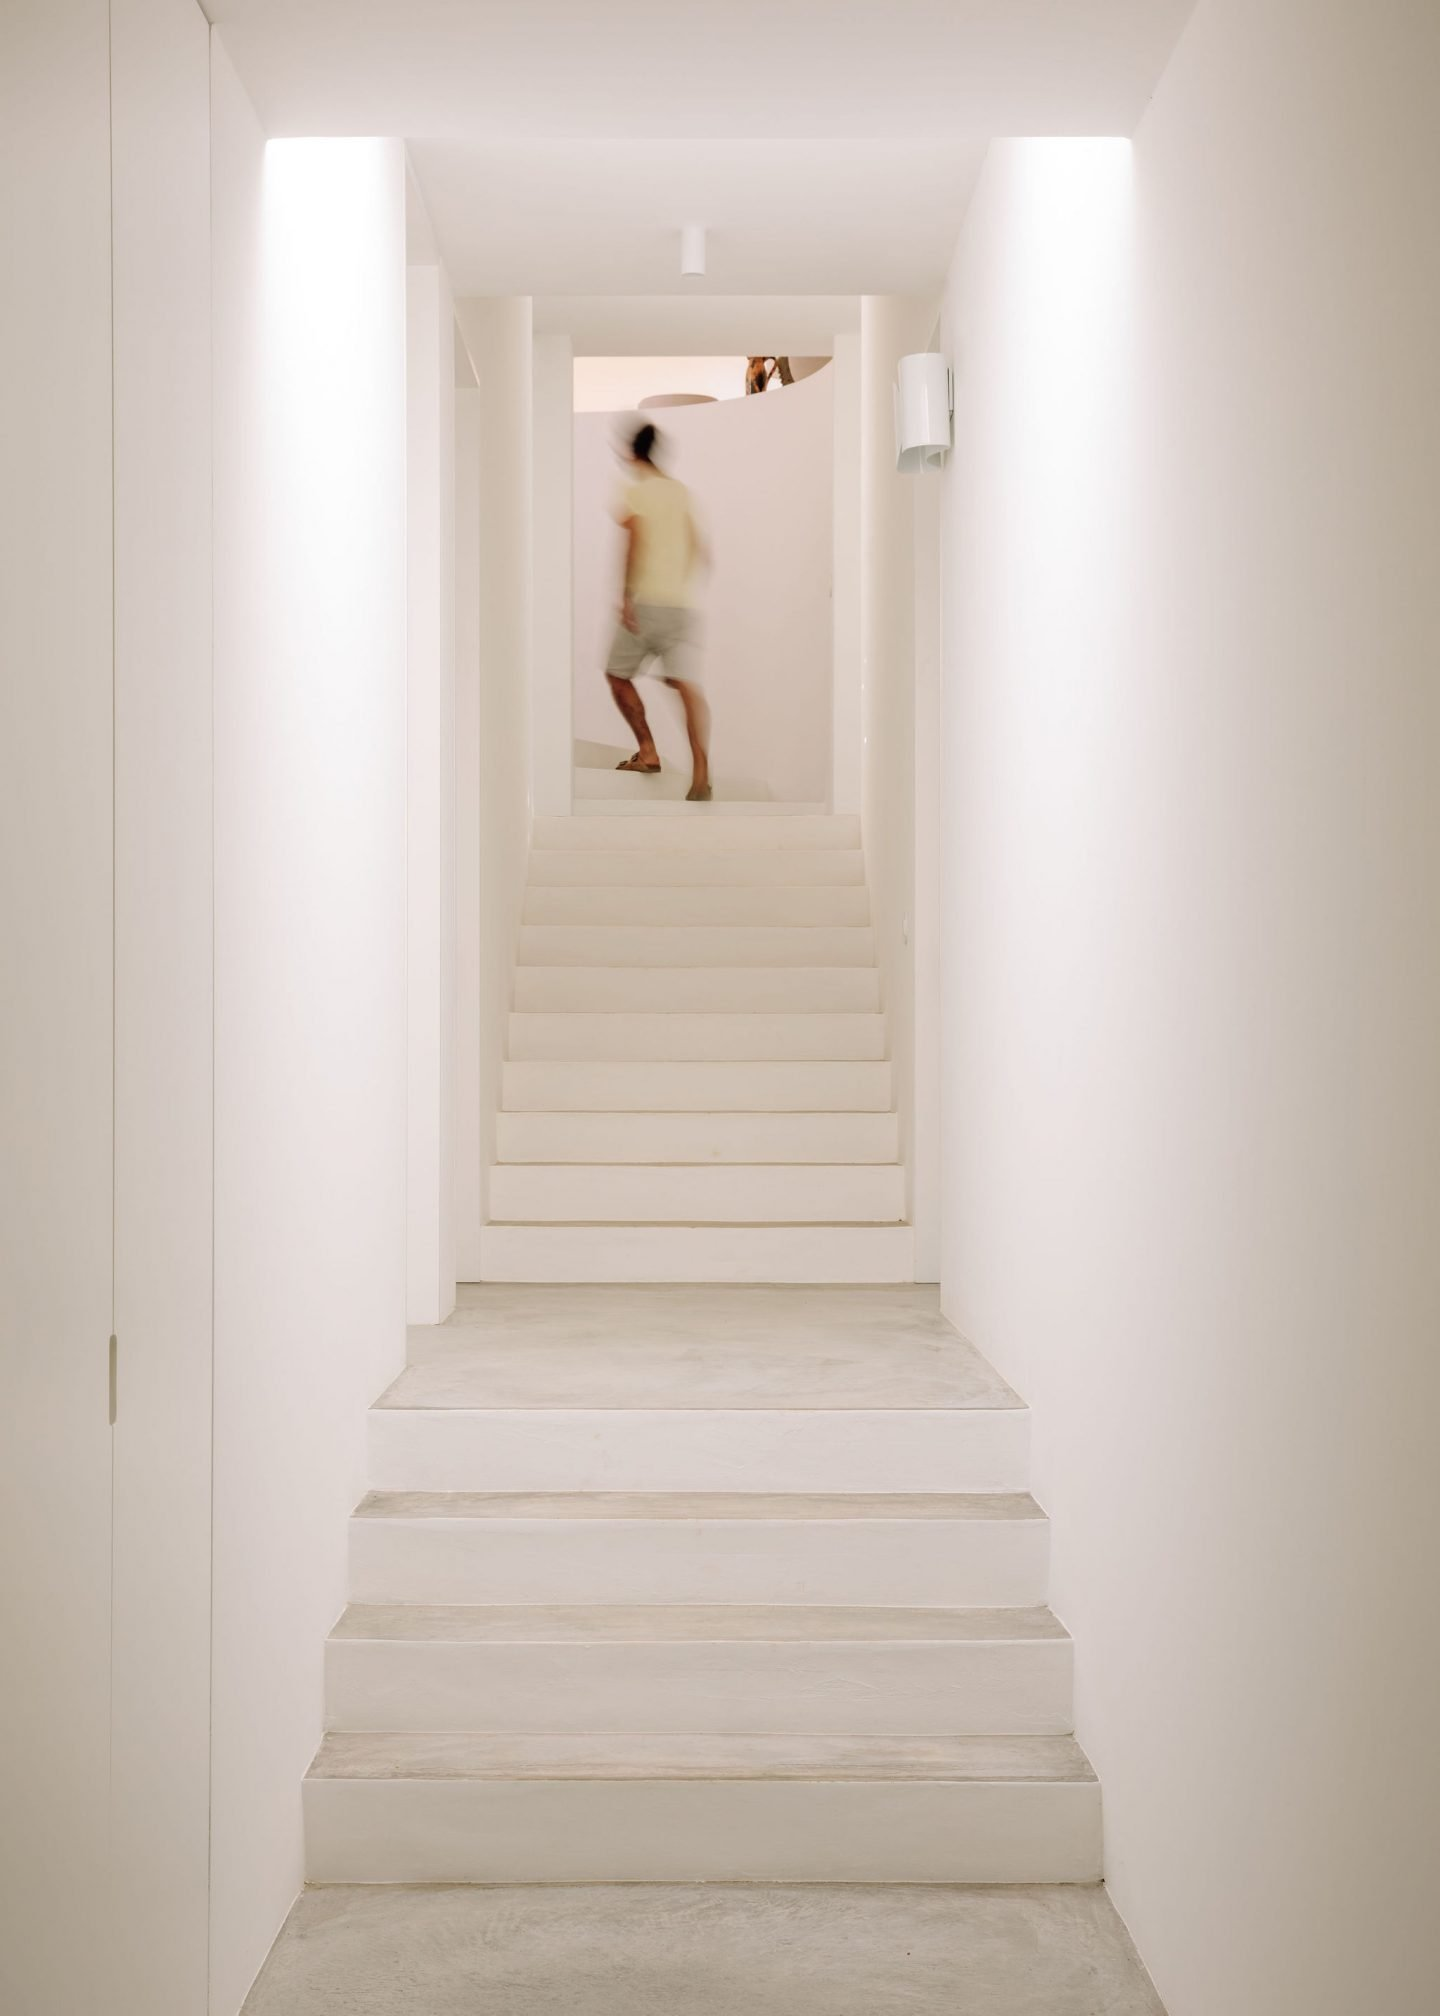 IGNANT-Architecture-Atelier-Rua-Casa-Um-020